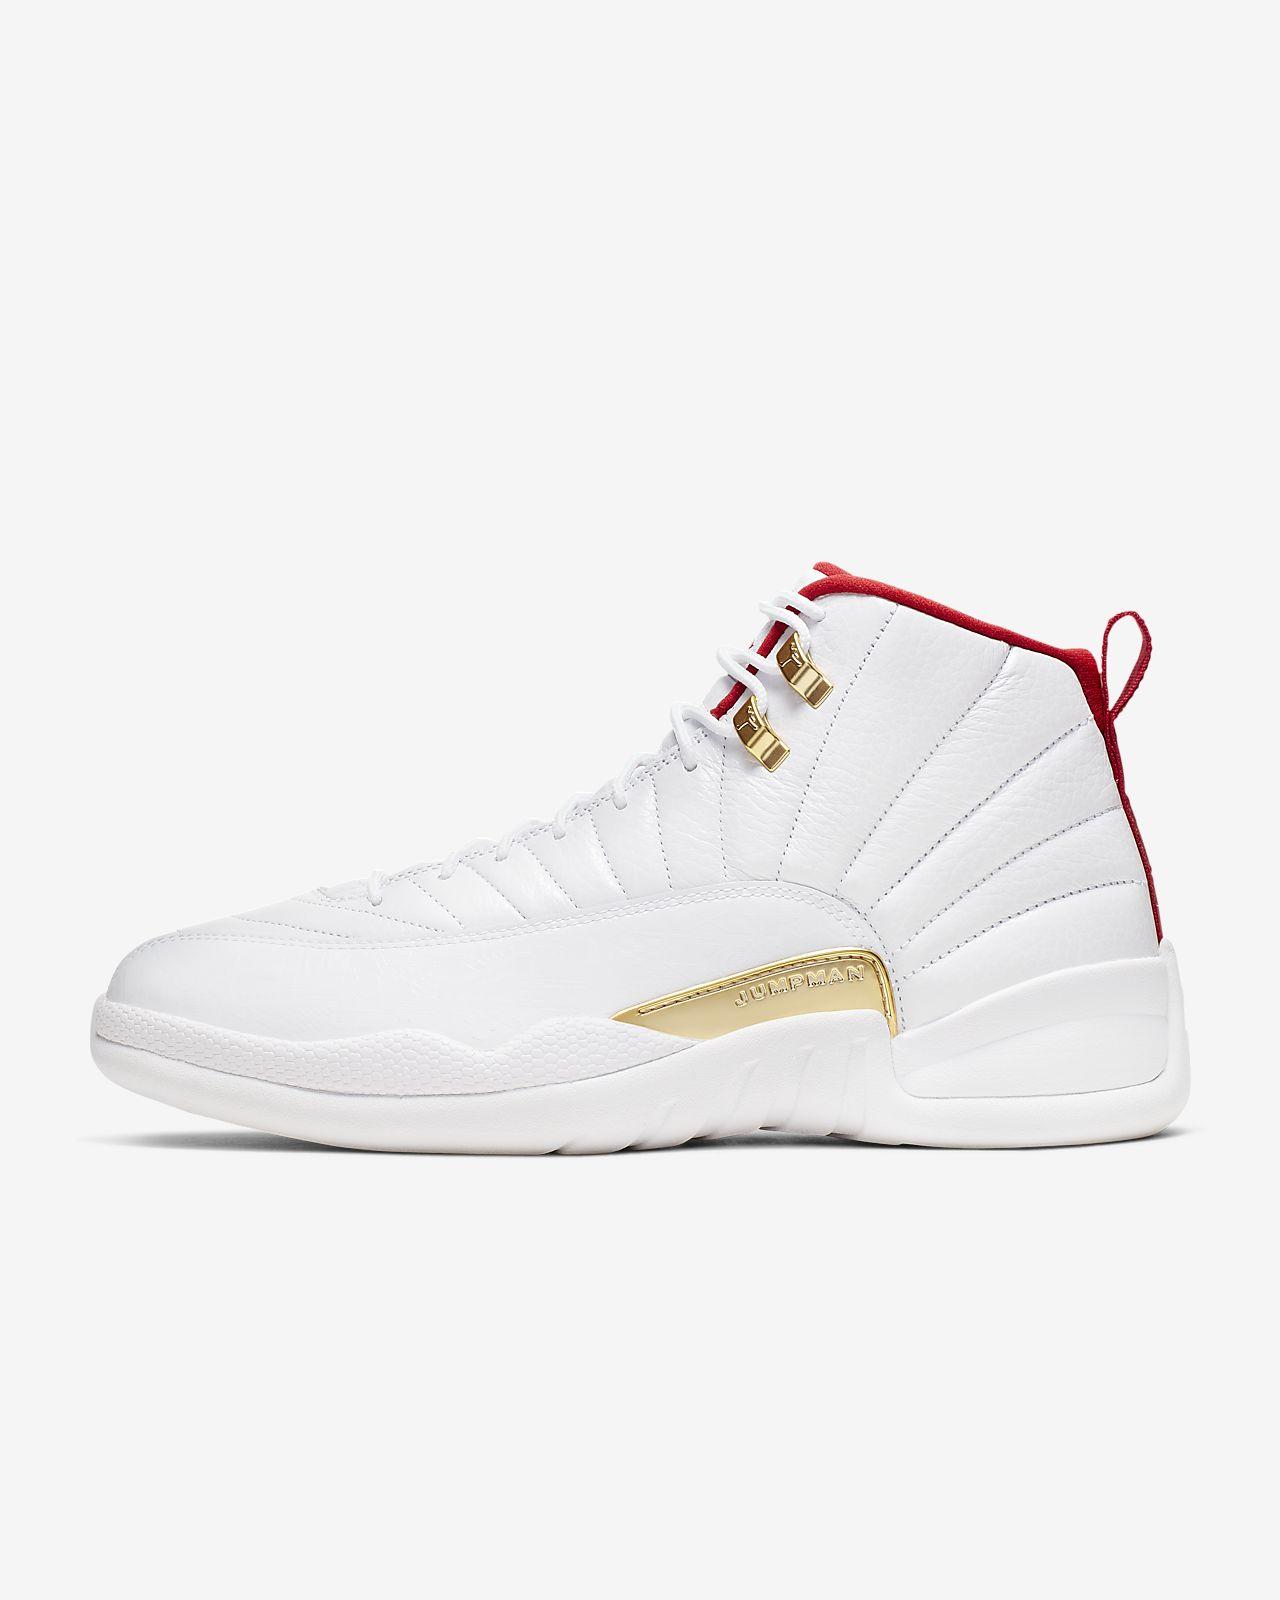 Air Jordan 12 Retro 男鞋